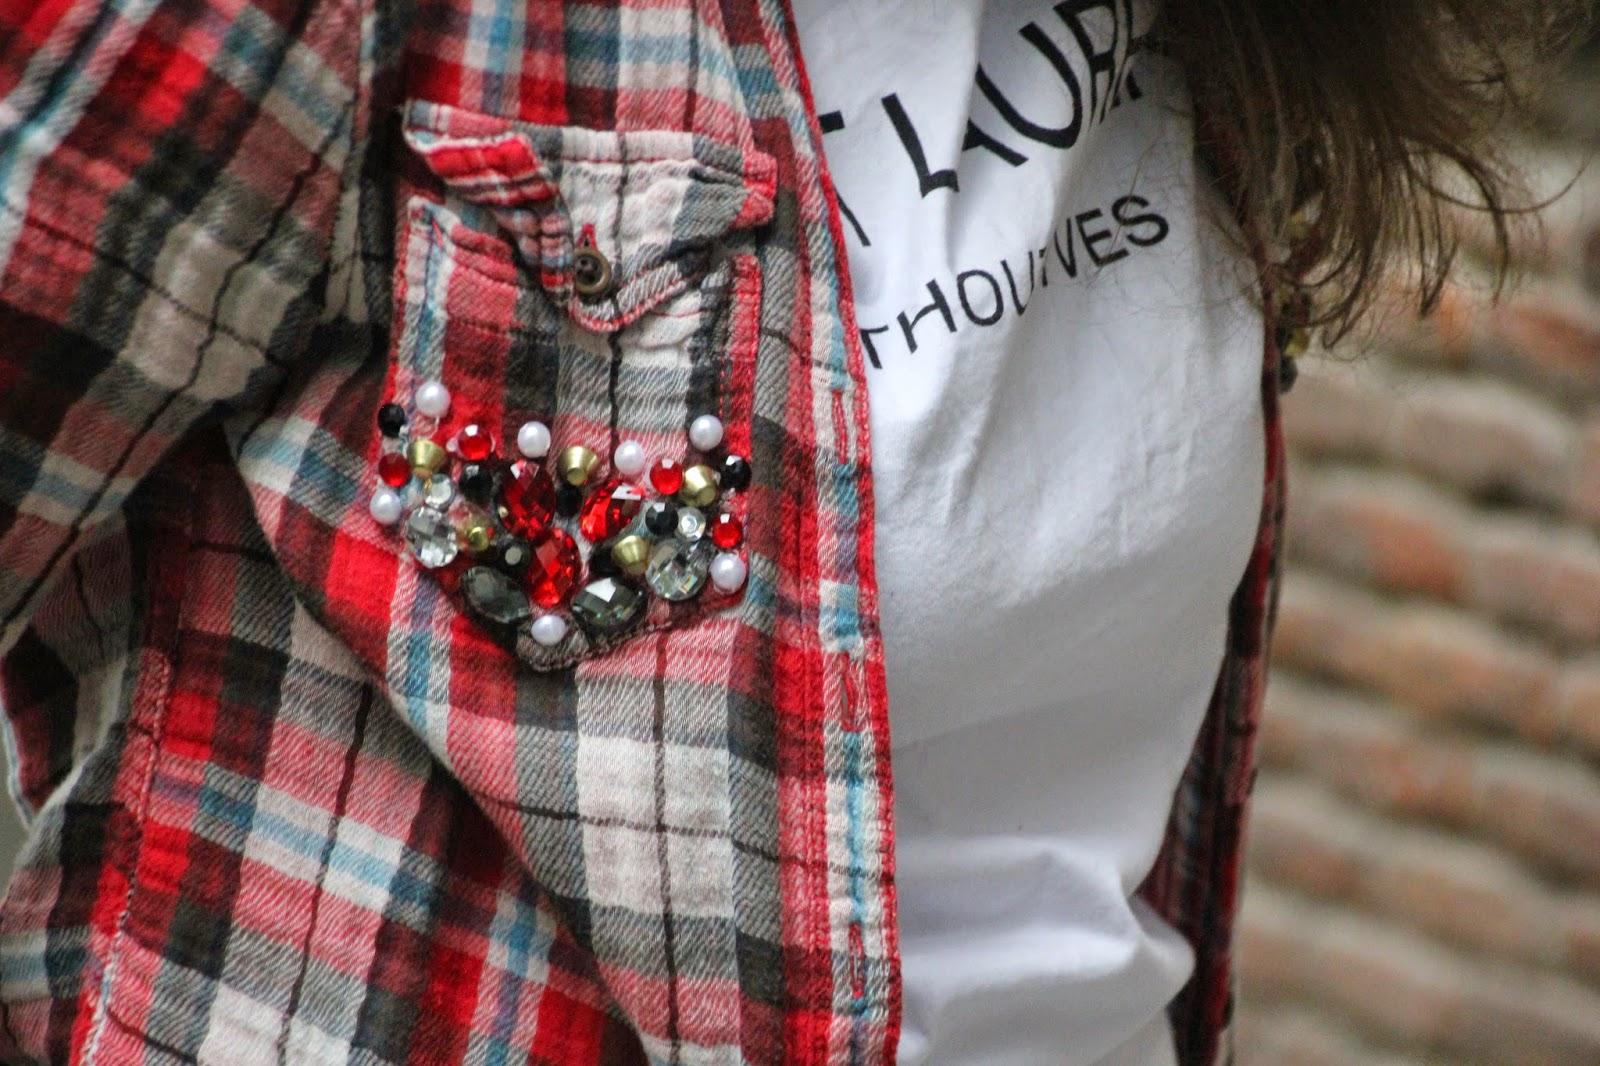 DIY Customiza tu camisa de cuadros con tachuelas y abalorios. Blog diy y costura